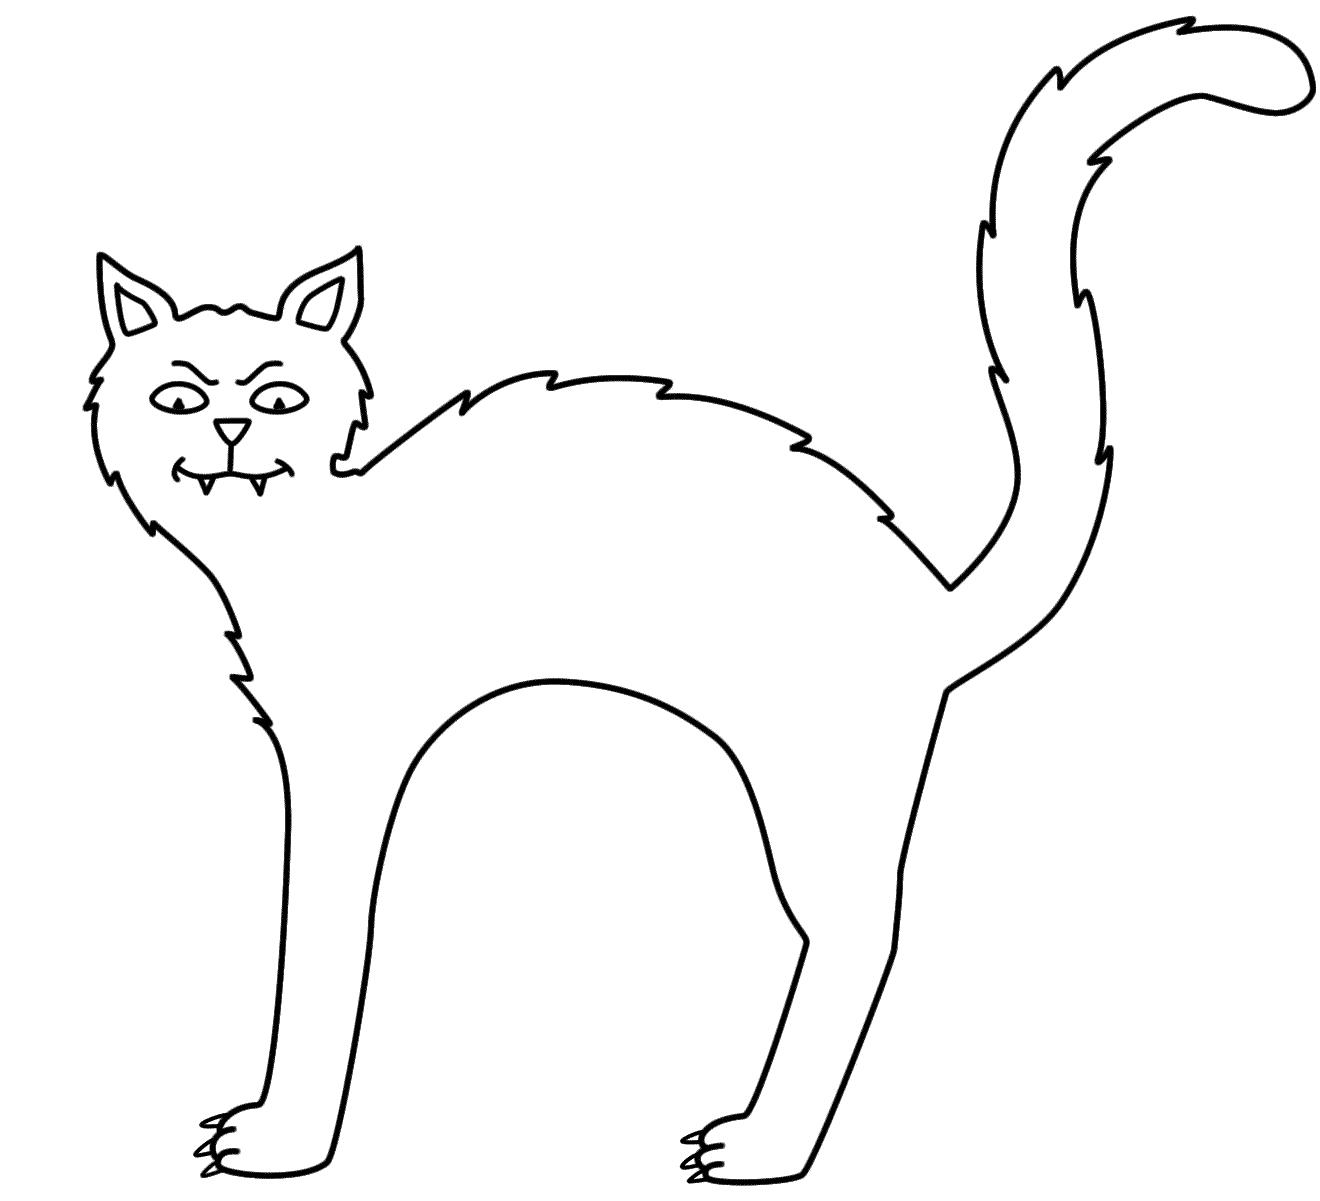 260 Dibujos De Gatos Para Colorear Oh Kids Page 26